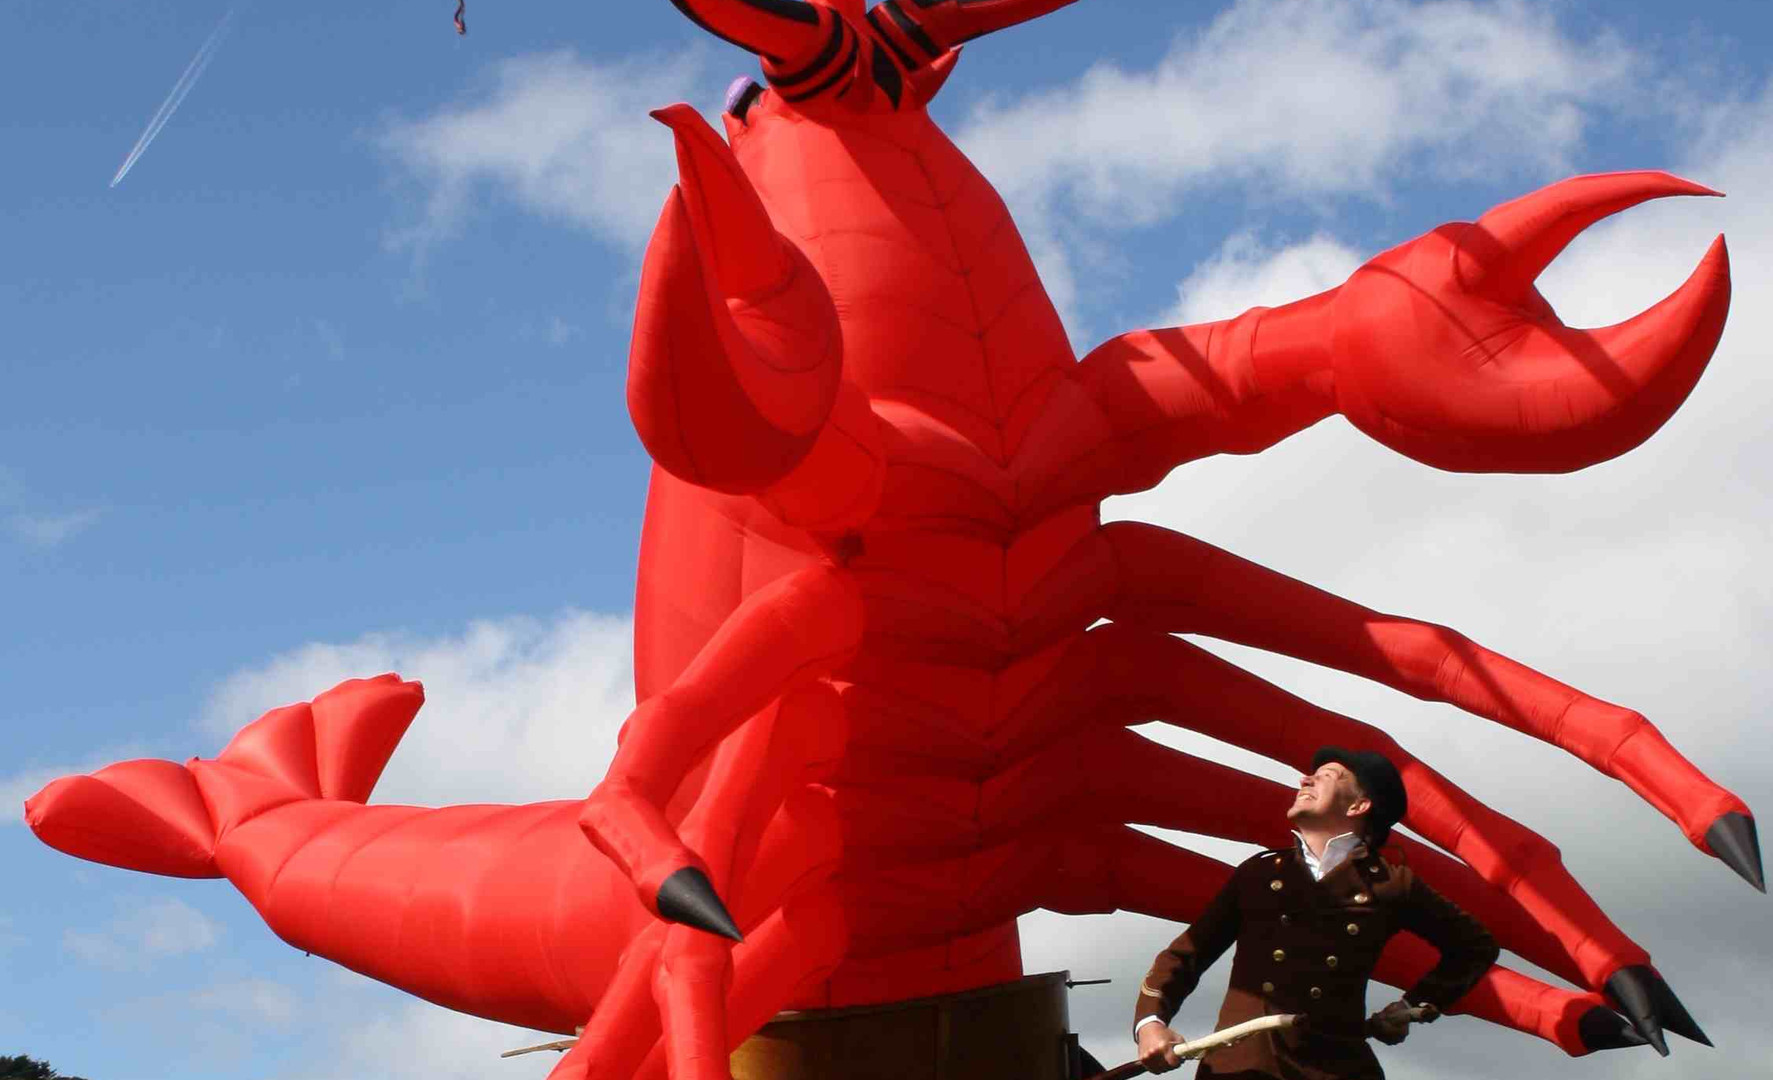 Lobster à la Cart